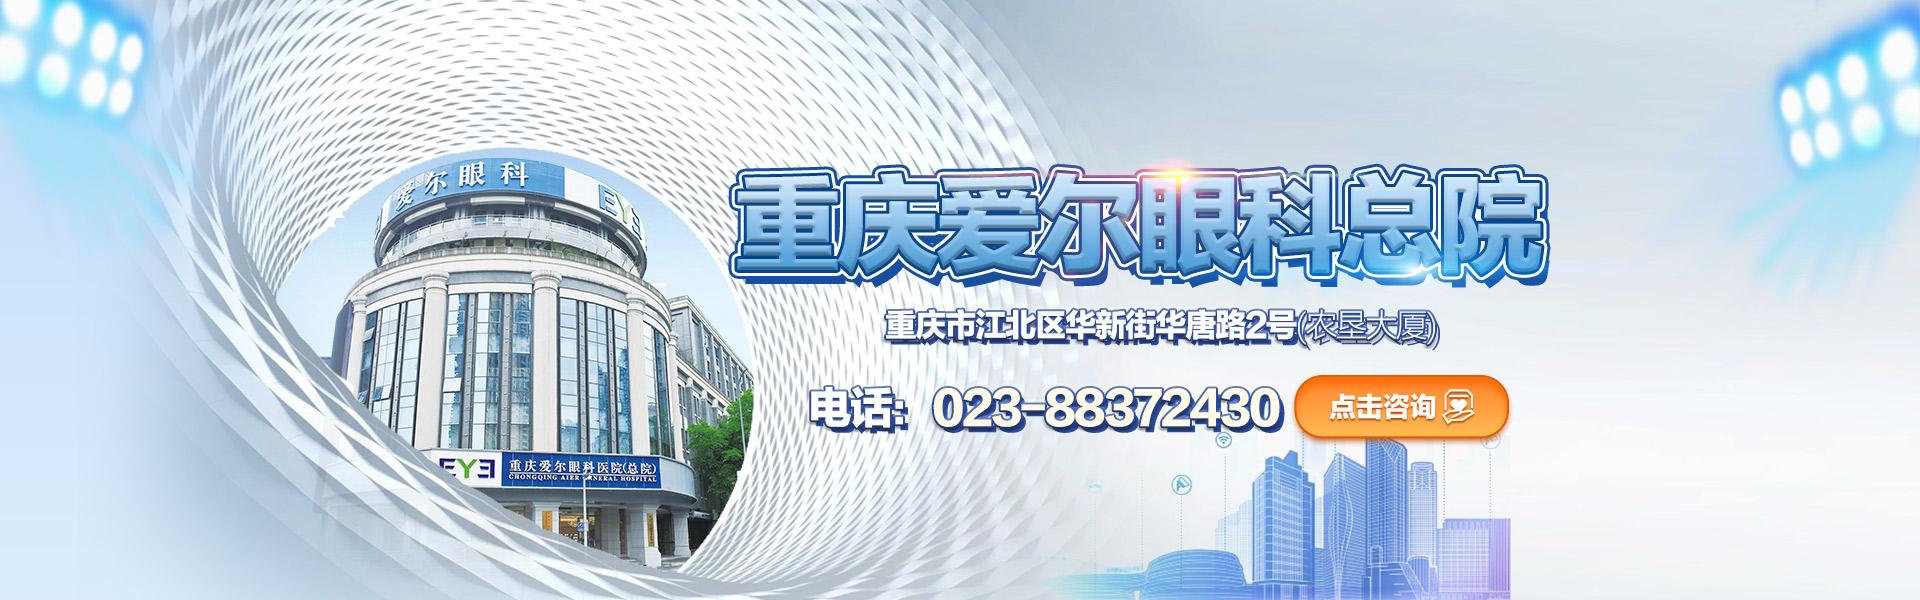 重庆爱尔眼科医院医师团队